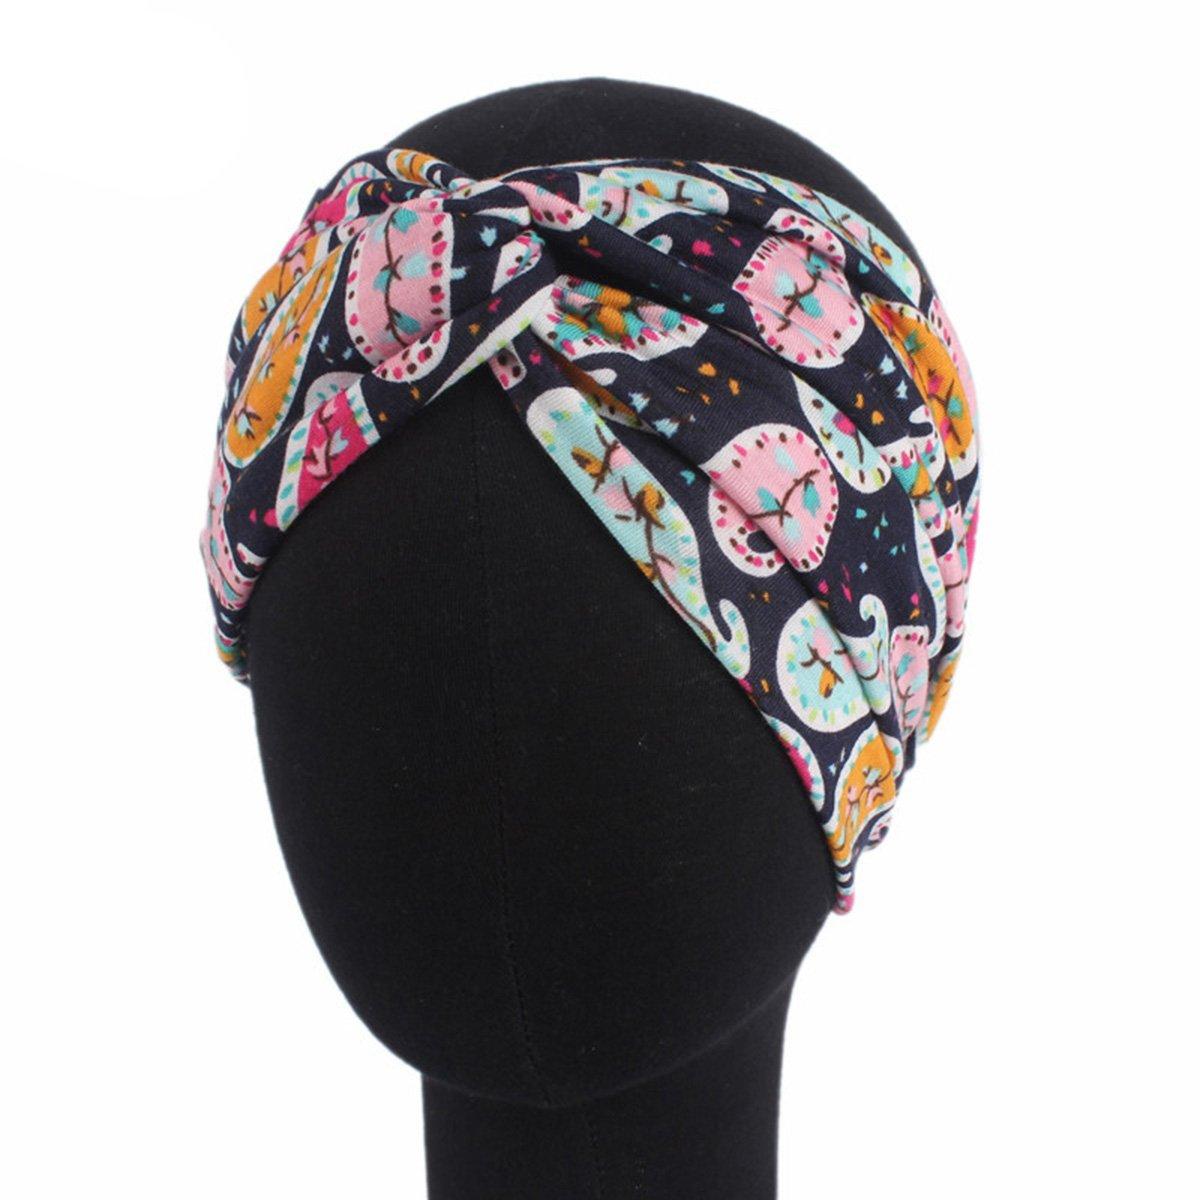 Butterme Donne Ragazze fasce elastiche Fiore stampato la fascia retr/ò maglia di cotone morbido ritorto testa del turbante Wrap